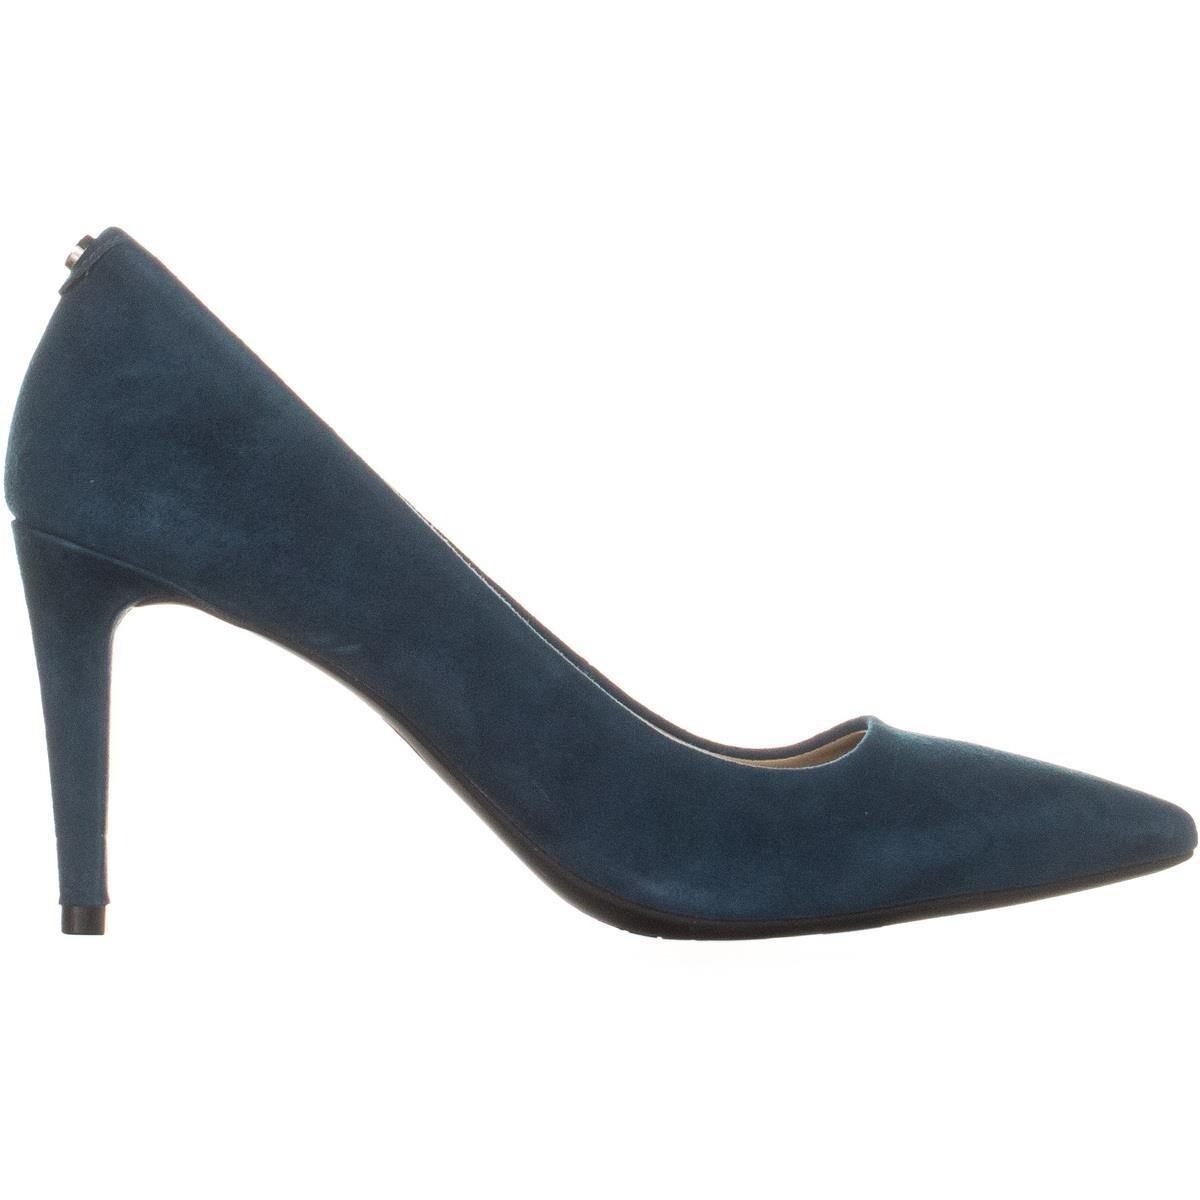 39c848d7fd8 Shop MICHAEL Michael Kors Dorothy Flex Pump Classic Heels